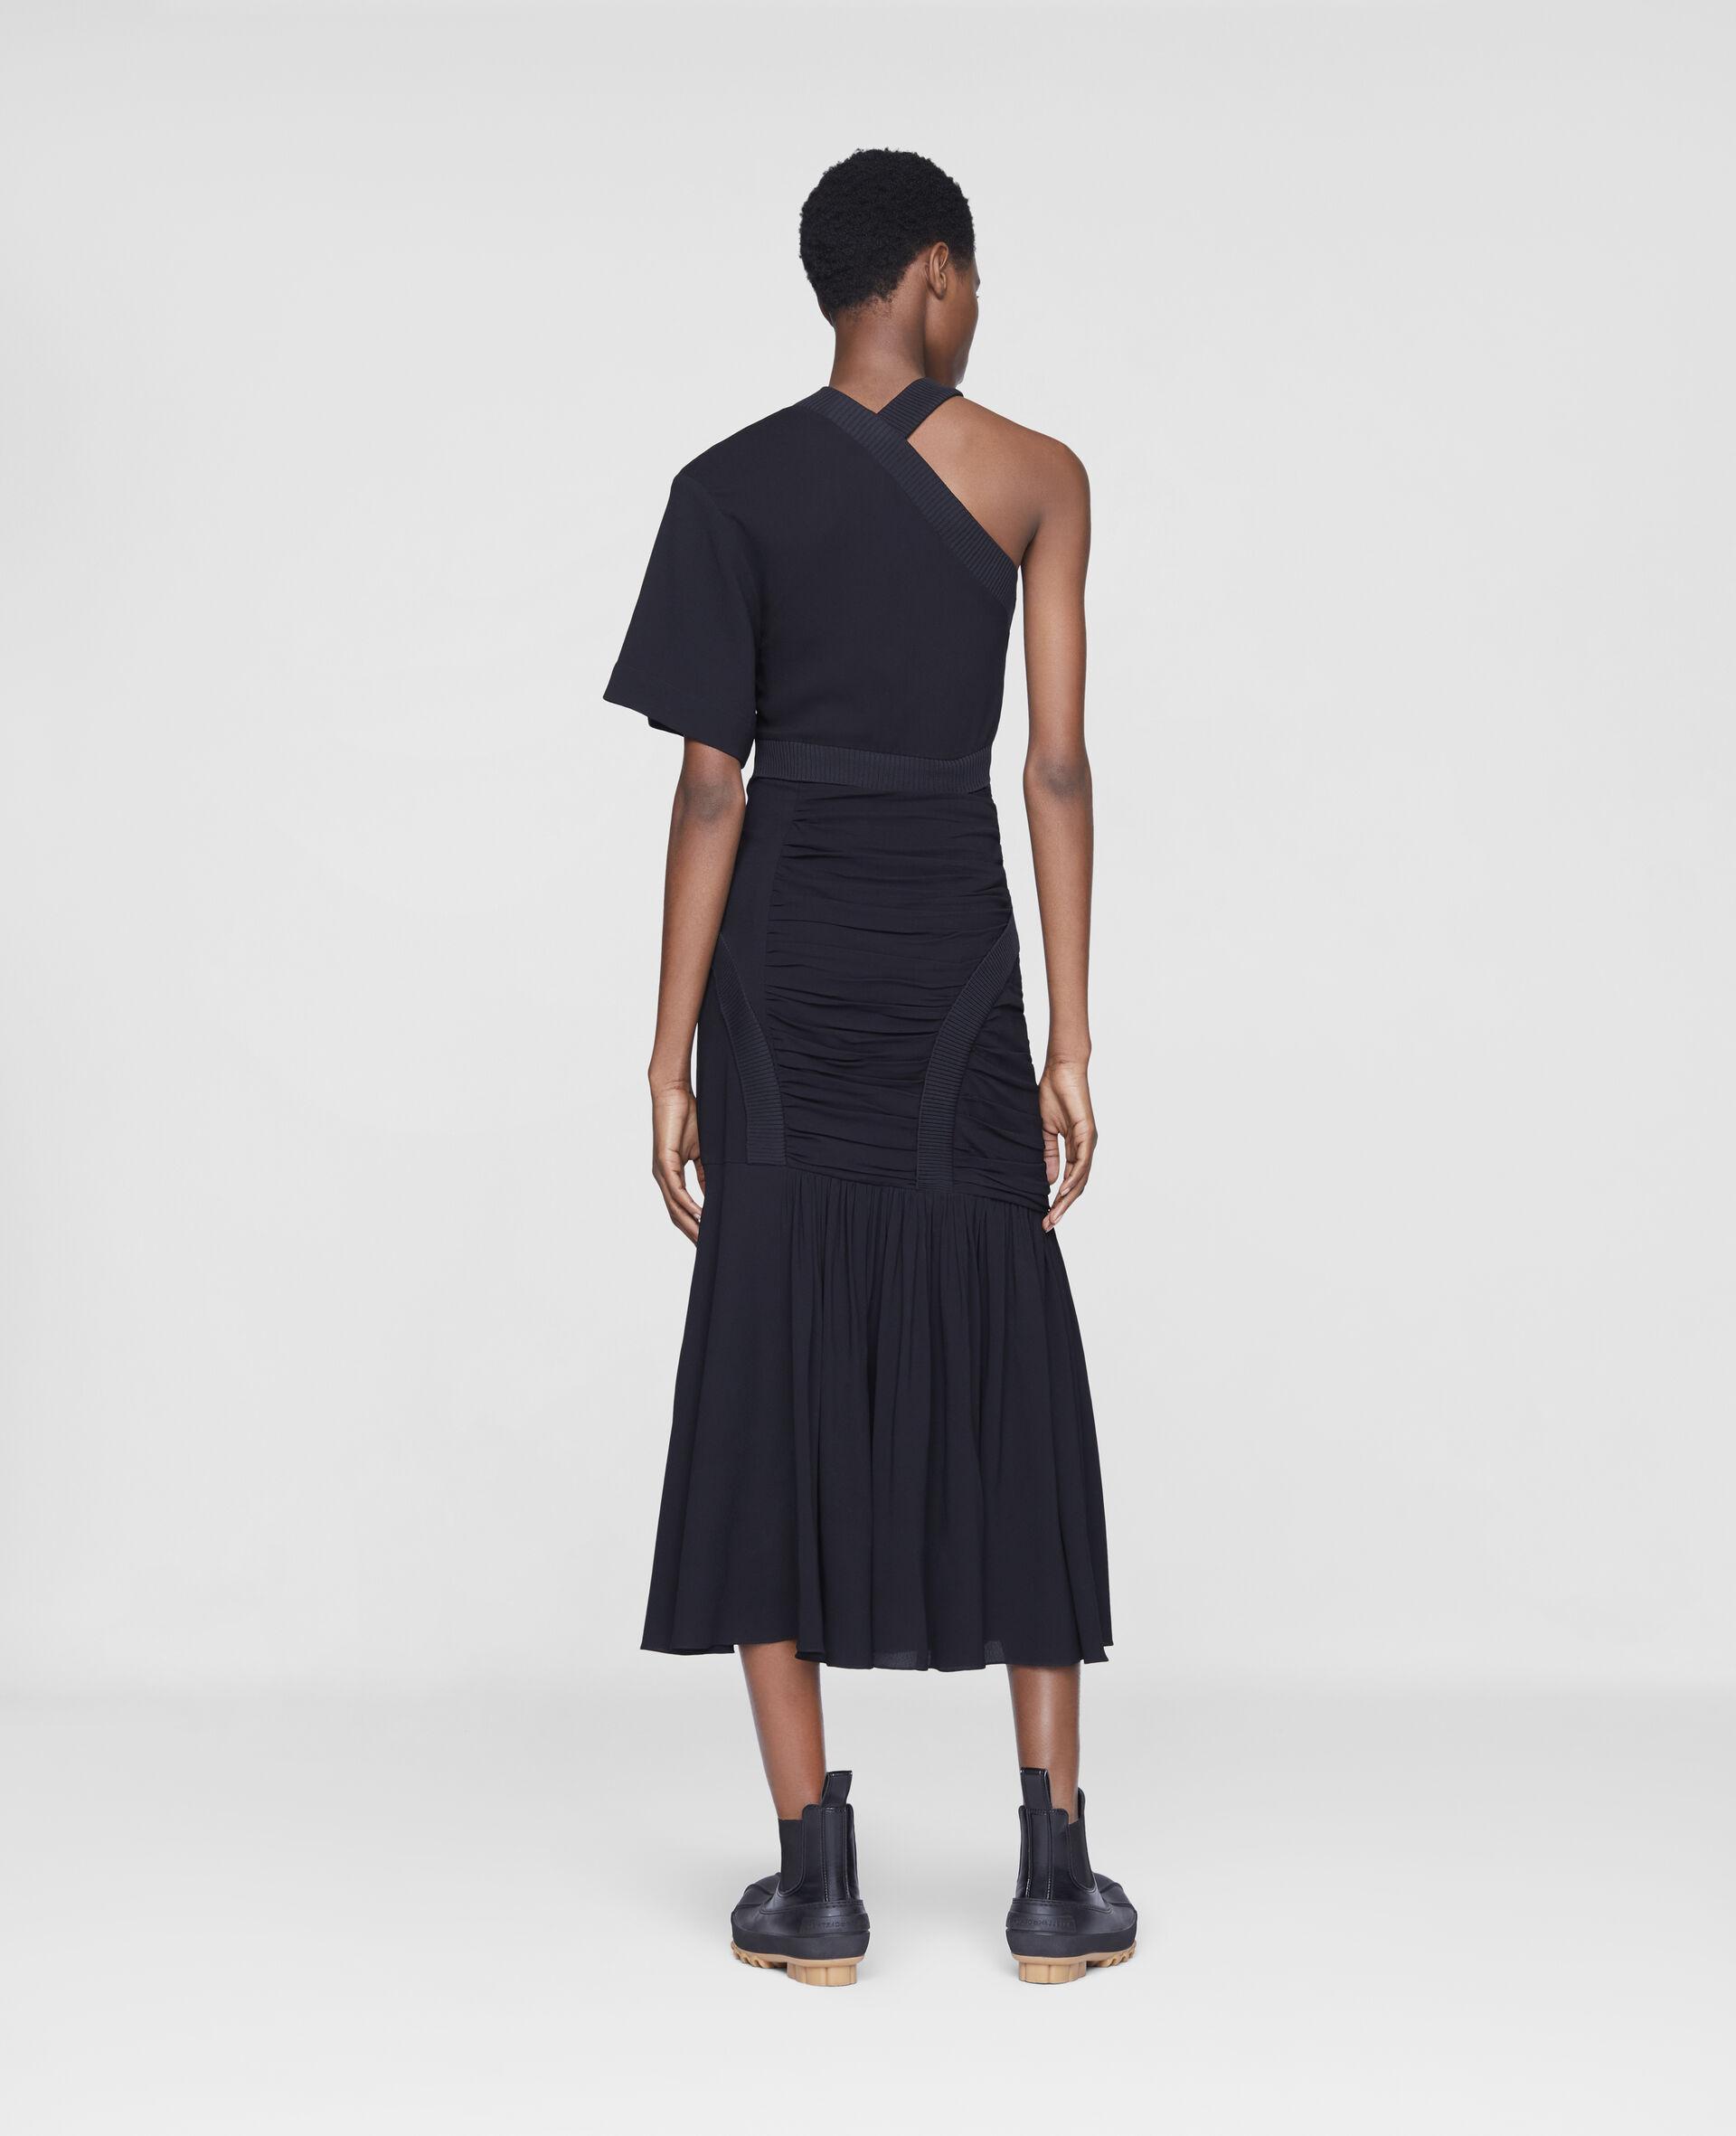 Emmeline Dress-Black-large image number 2